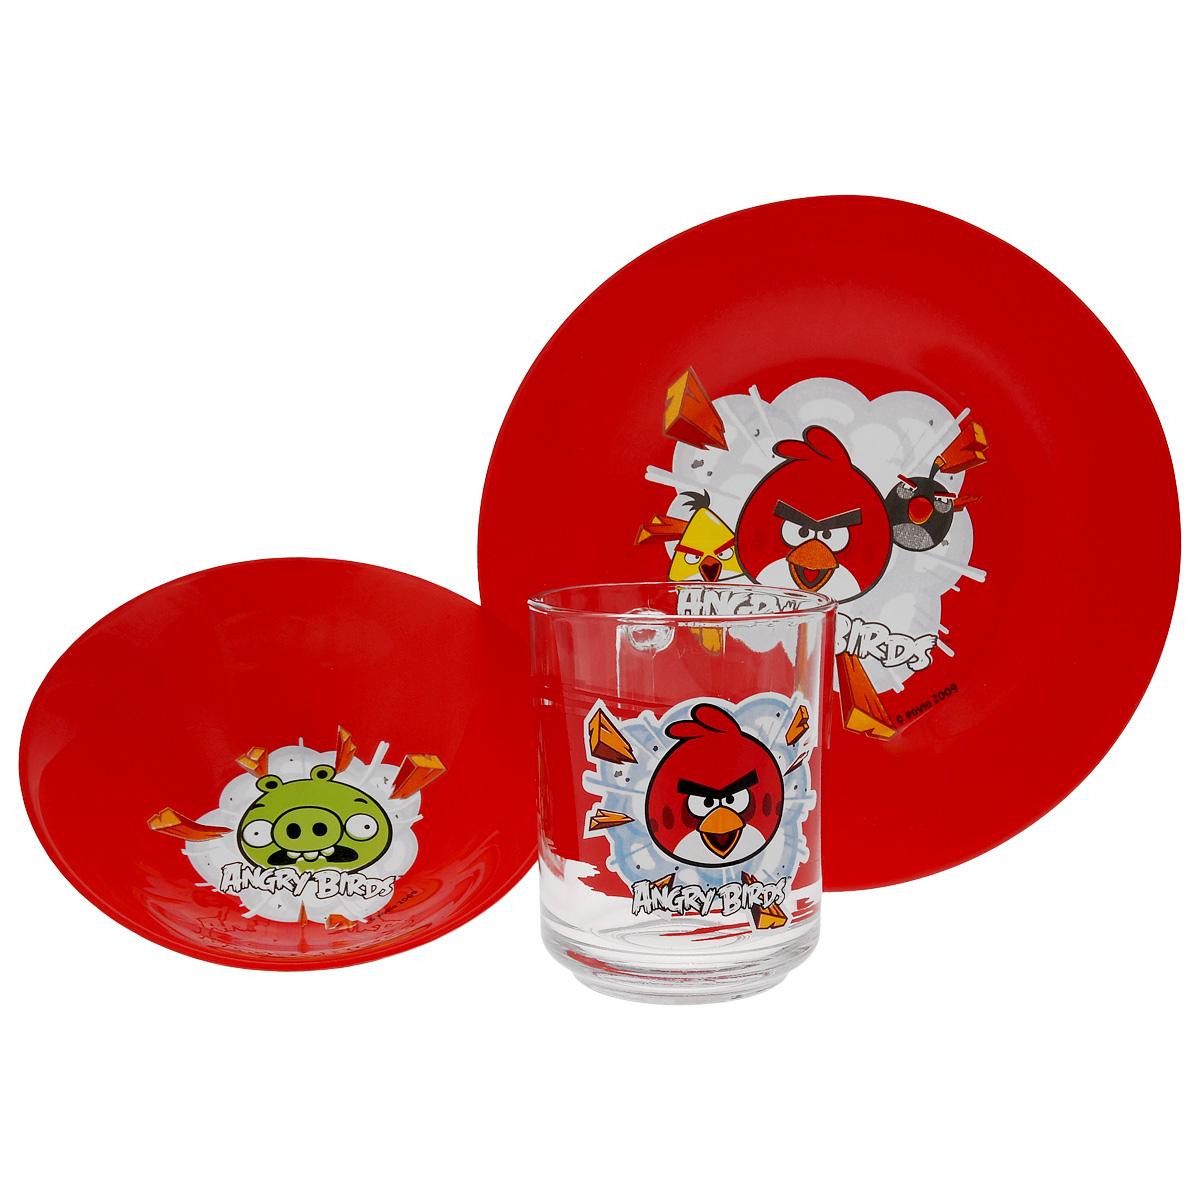 Набор детской посуды Angry Birds, цвет: красный, 3 предмета1057897Набор детской посуды Angry Birds, выполненный из стекла, состоит из кружки, тарелки и салатника. Изделия оформлены изображением любимых героев популярного мультфильма Angry Birds. Материалы изделий нетоксичны и безопасны для детского здоровья. Детская посуда удобна и увлекательна для вашего малыша. Привычная еда станет более вкусной и приятной, если процесс кормления сопровождать игрой и сказками о любимых героях. Красочная посуда является залогом хорошего настроения и аппетита ваших детей. Можно мыть в посудомоечной машине. Диаметр тарелка: 19,5 см. Диаметр салатника: 14 см. Высота салатника: 4,5 см. Объем кружки: 250 мл. Диаметр кружки (по верхнему краю): 7 см. Высота кружки: 9,5 см.